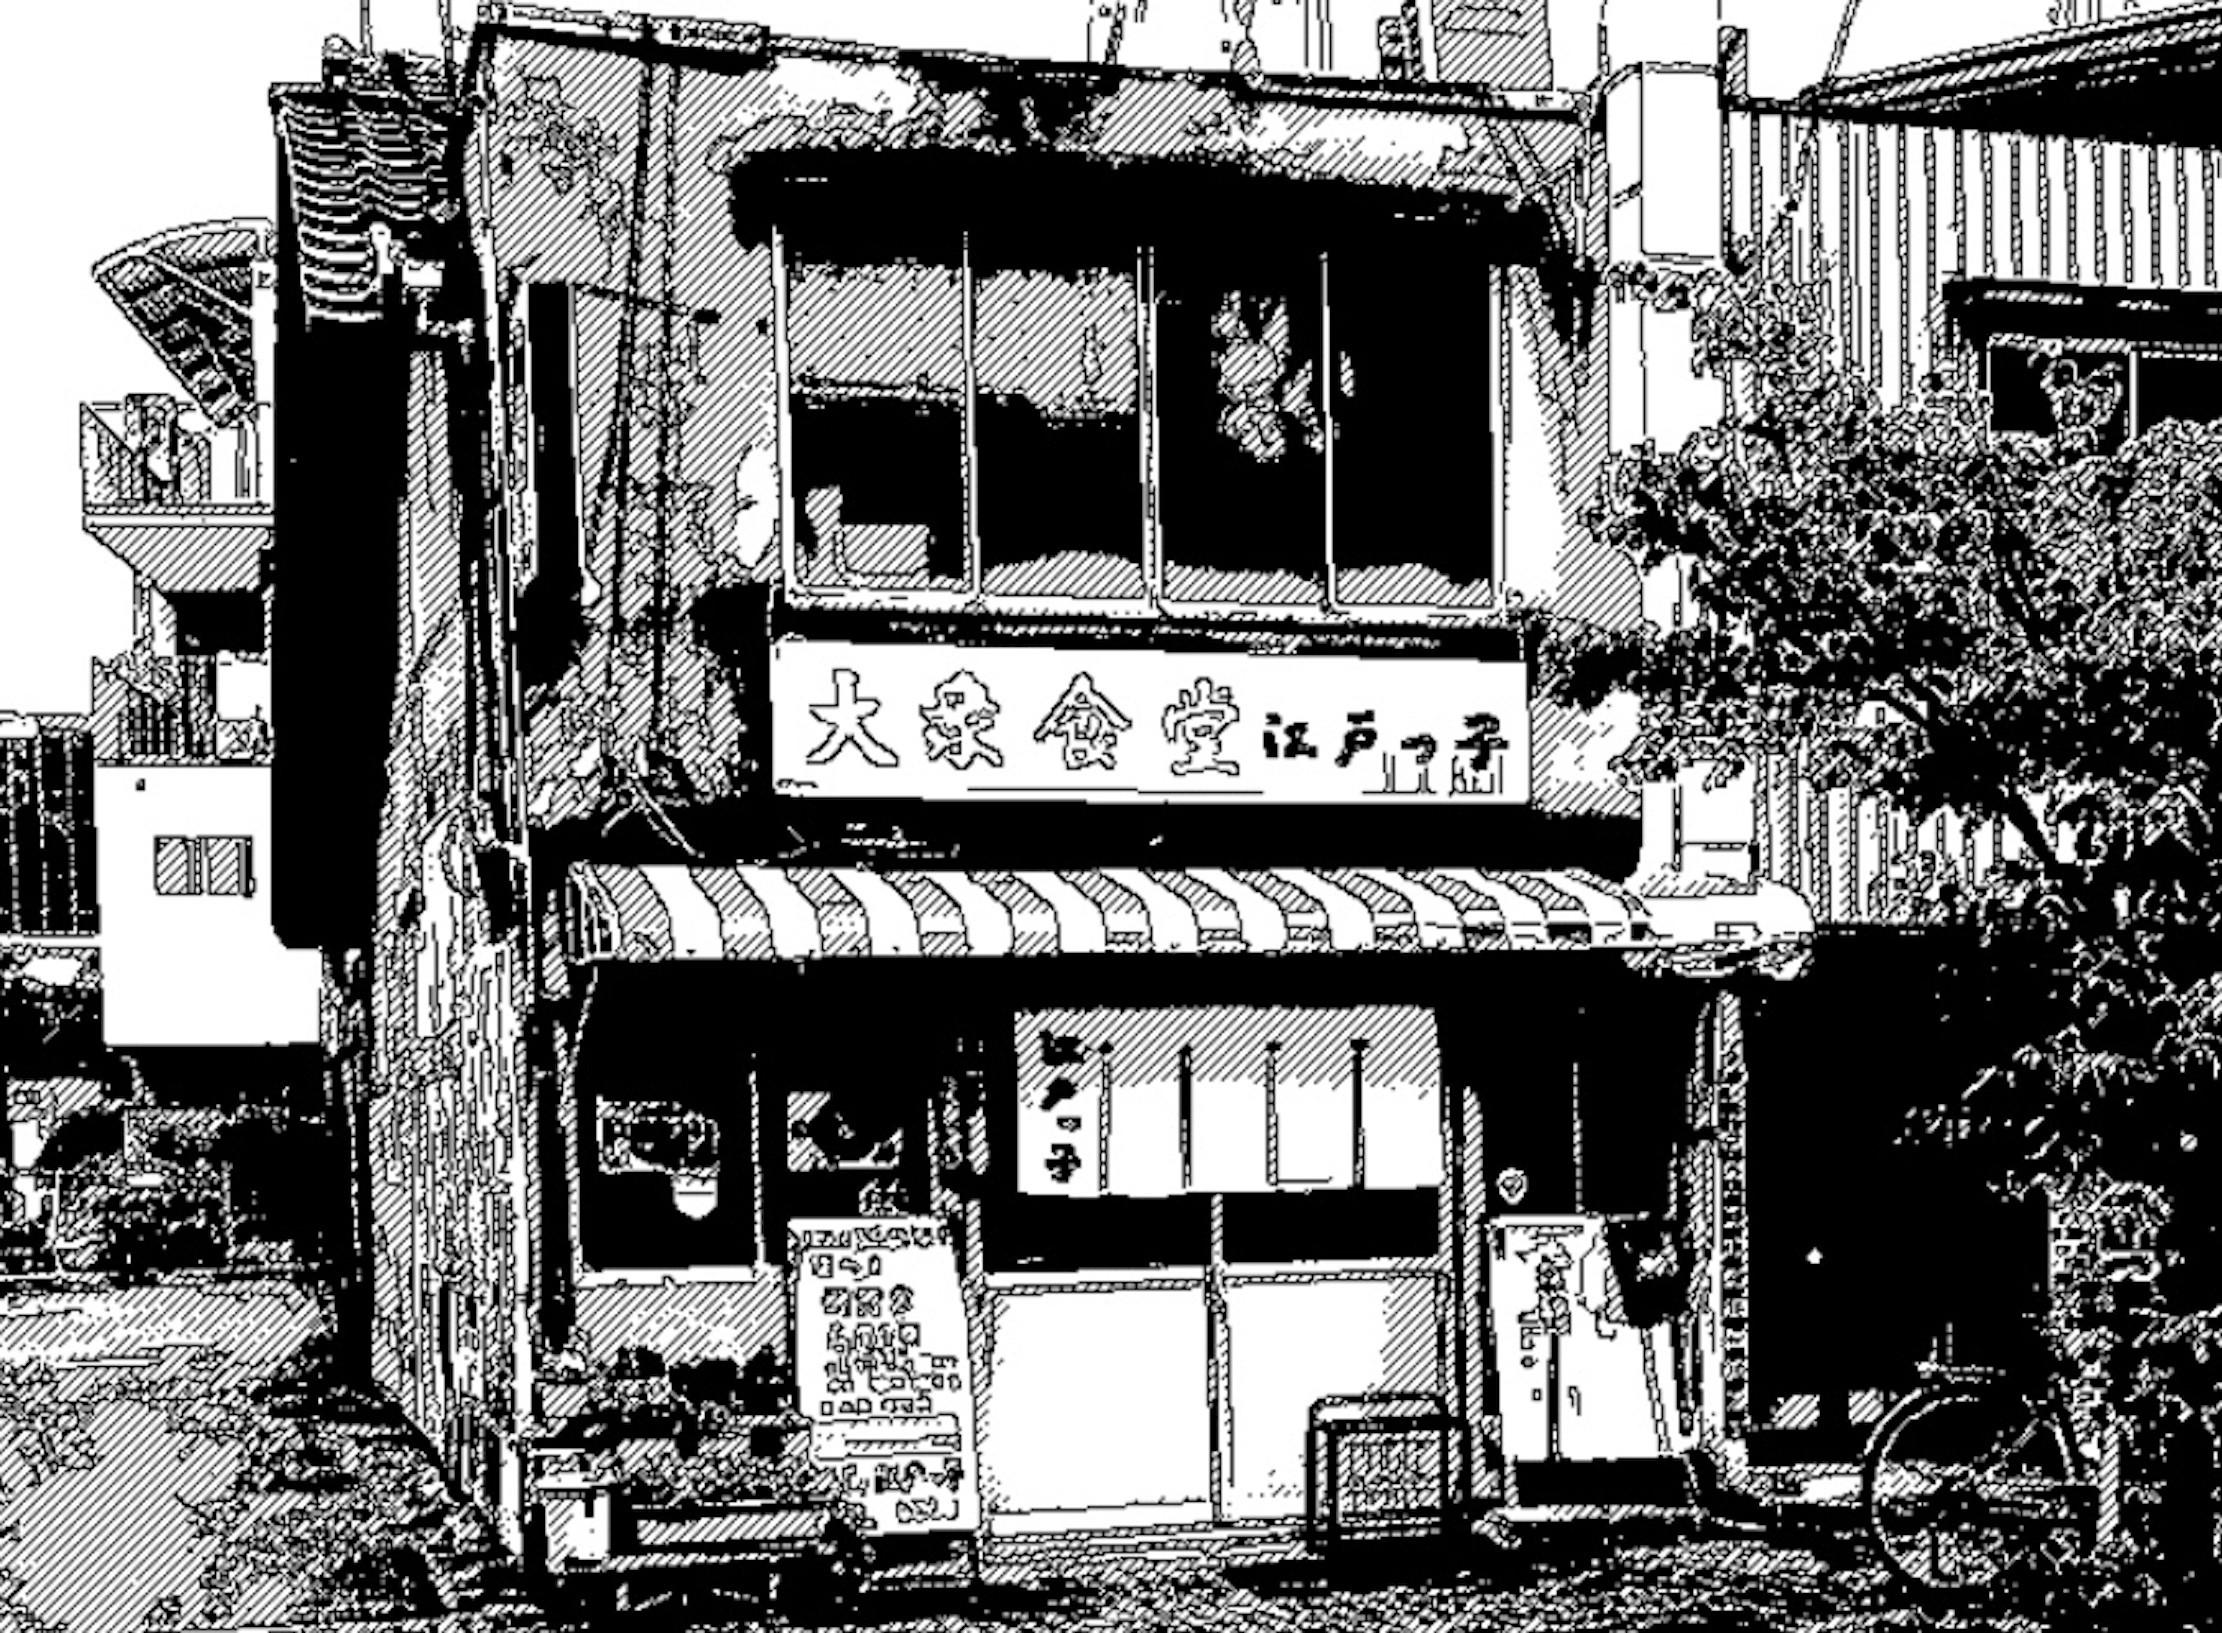 創業約60年!変わらぬおふくろの味!代官町の真ん中に凛と建つ!全国よ!これが名古屋の大衆食堂だ!江戸っ子食堂